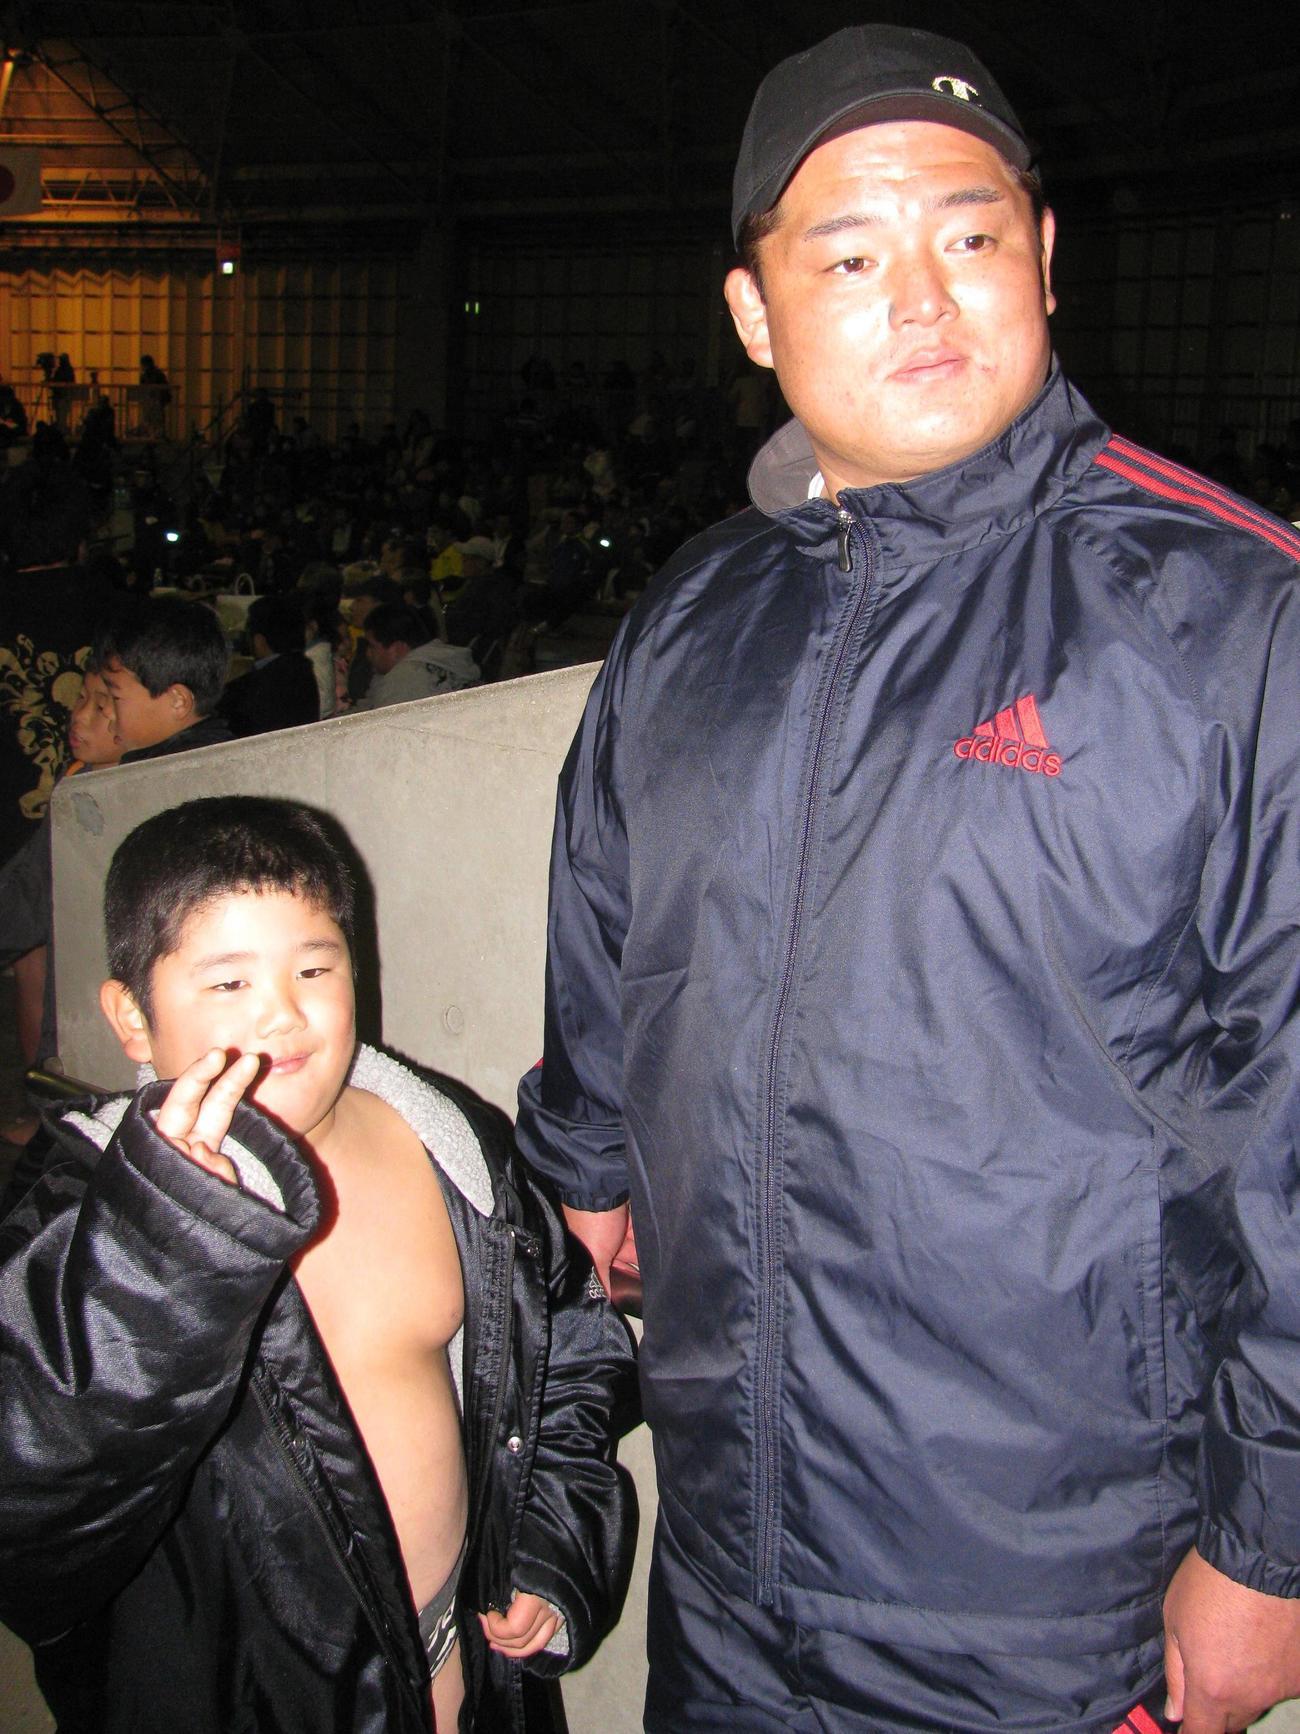 「第1回白鵬杯」 時津風親方(右)の長男で「第1回白鵬杯」個人戦で優勝した、当時小学2年生の坂本博一君(10年12月19日)